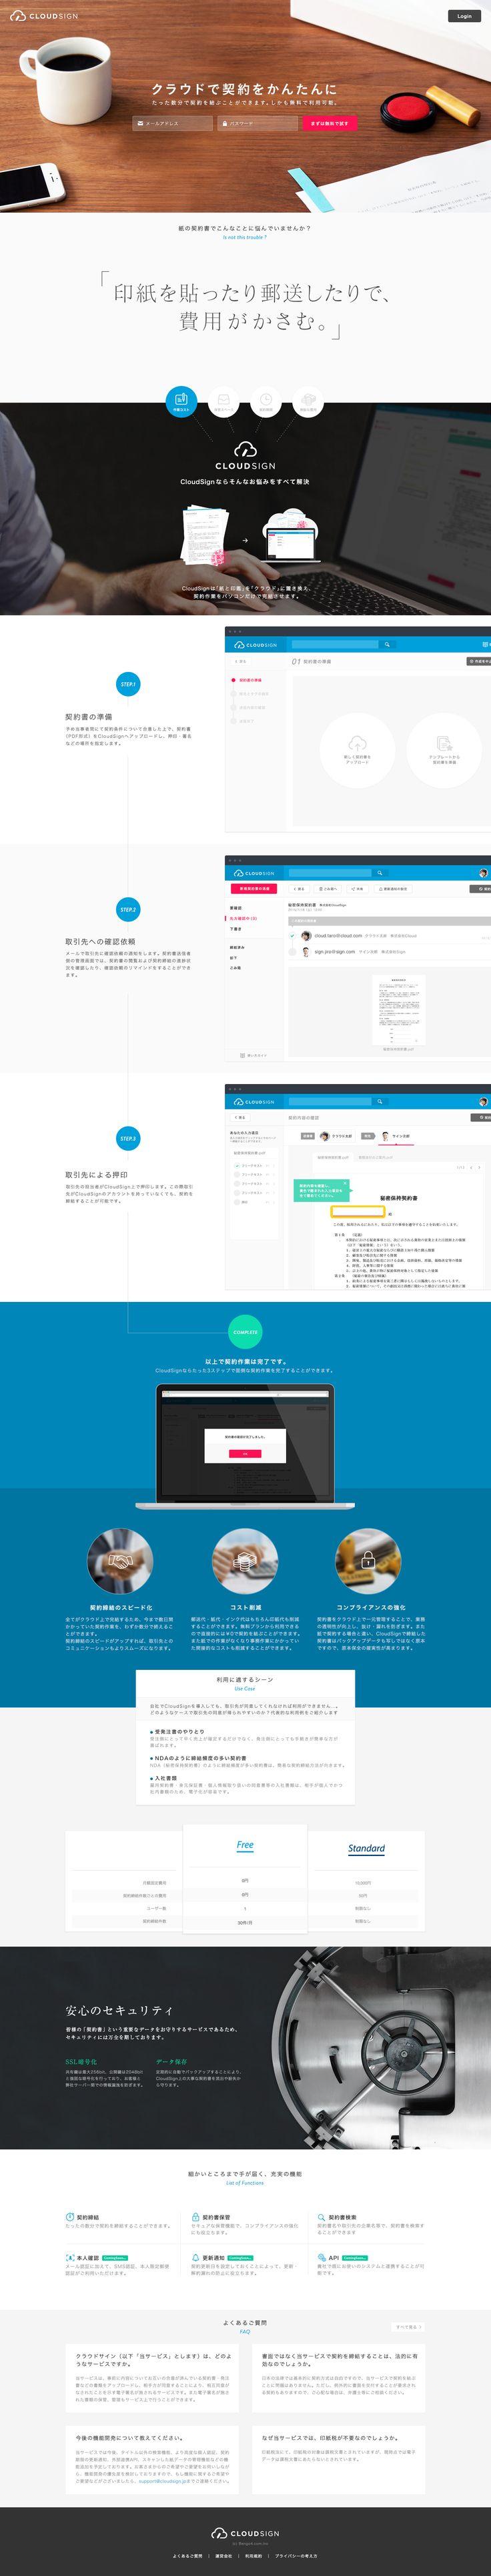 10月19日にリリースされた、弁護士ドットコム様の新サービスCloudSignのデザインを制作しました。 CloudSignは、これまで「紙と印鑑」で行っていた契約作業を全て「クラウド」上で完結できるため、製本や押印など […]